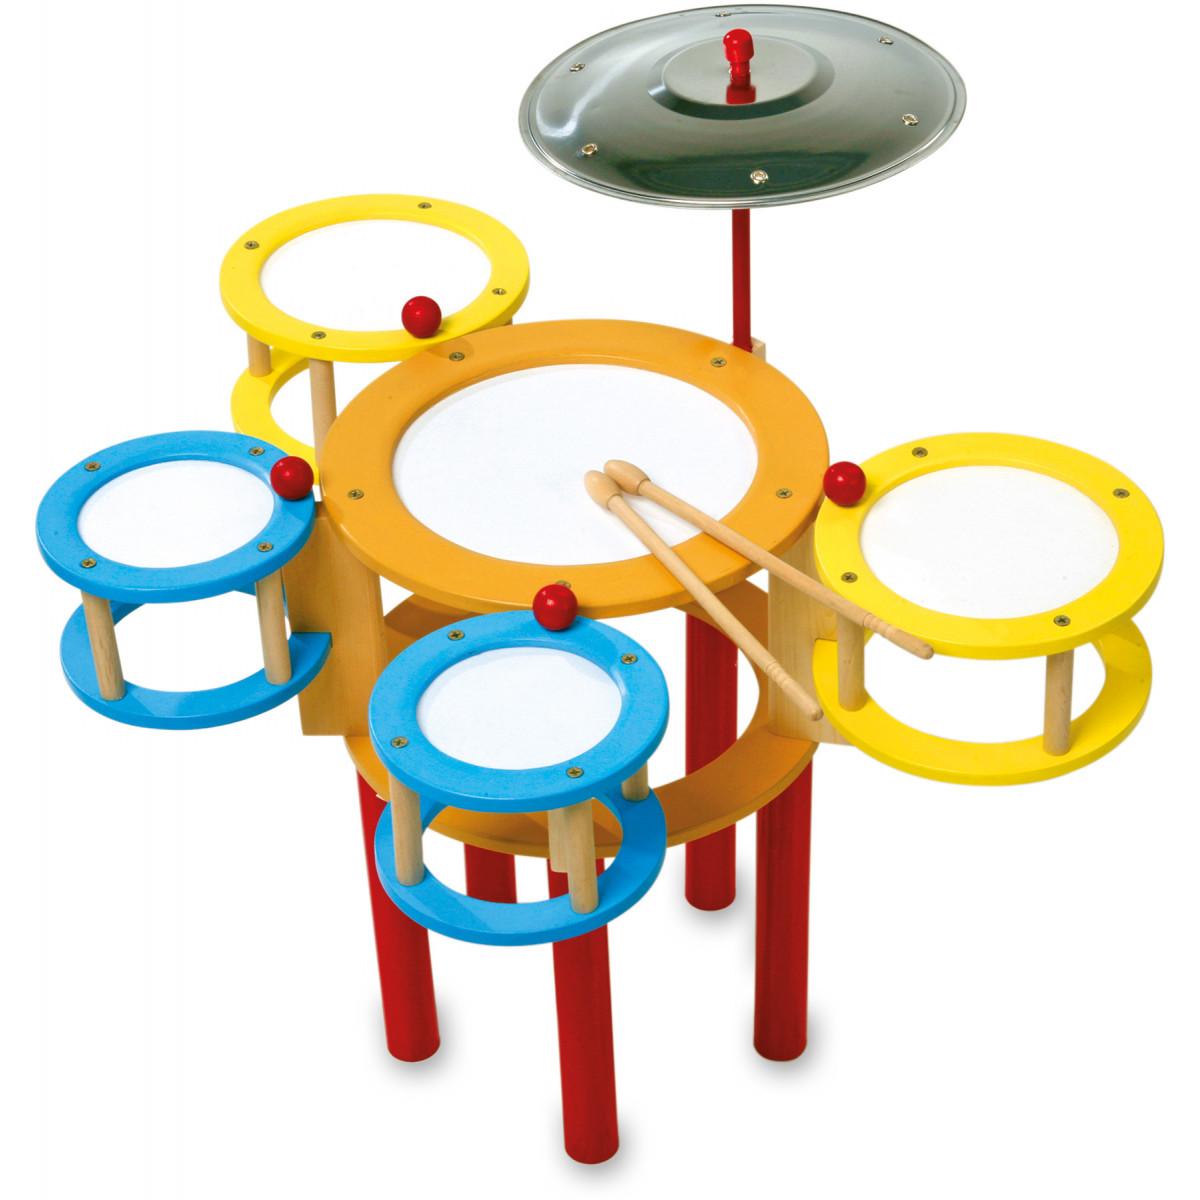 Batterie jouet en bois Multicolore